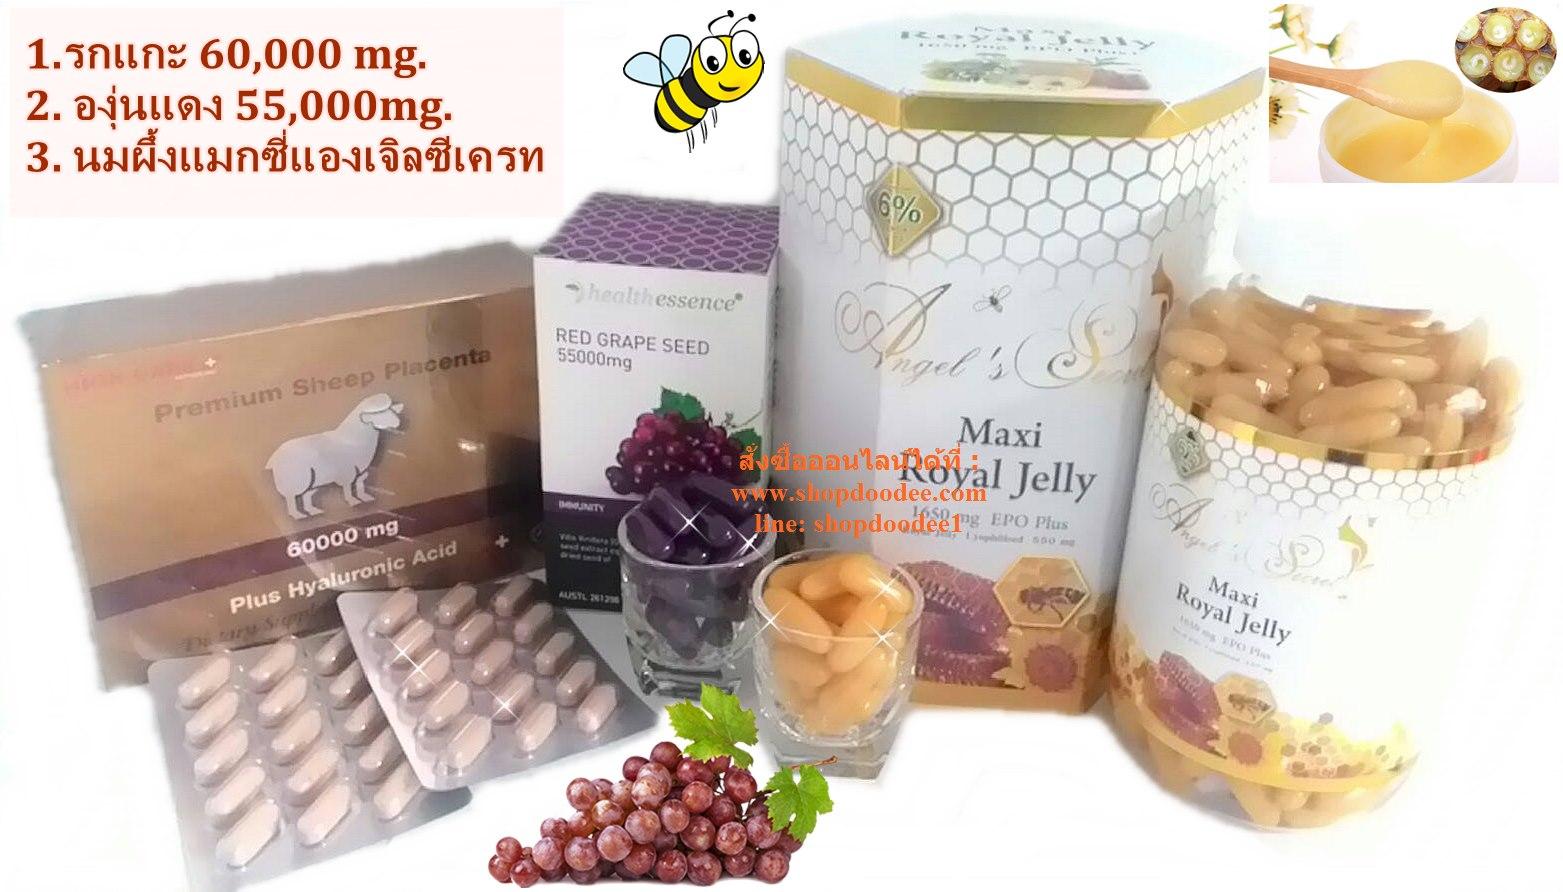 รกแกะ60,000mg. 1 กล่อง 120 เม้ด + healthessence greapeseed 55,000 mg. 1 กล่อง 100 เม้ด +นมผึ้งแองเจิลซีเครท1,650 mg. 1 ปุก 365 เม็ด